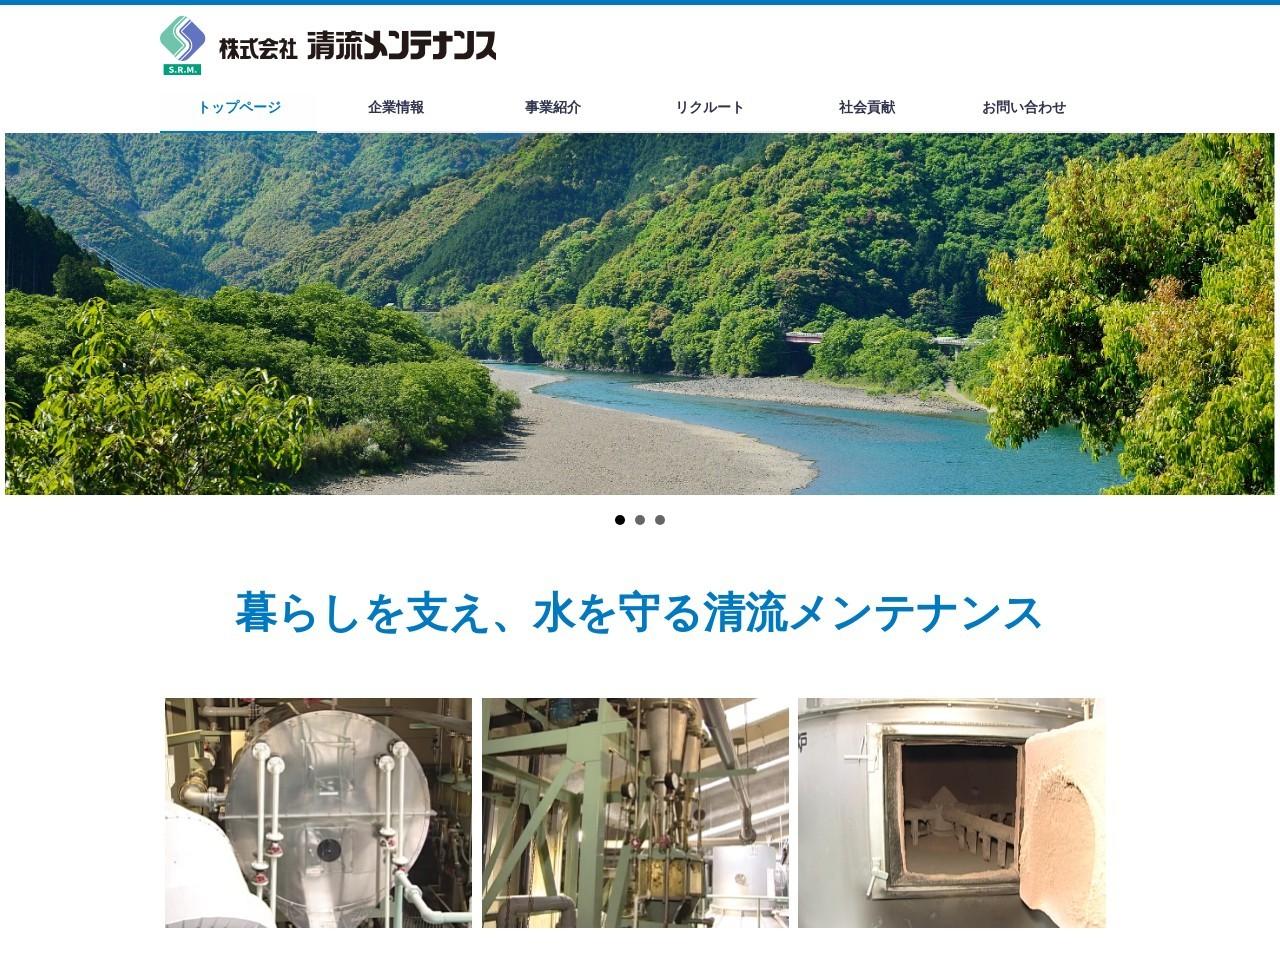 株式会社清流メンテナンス古川事業所